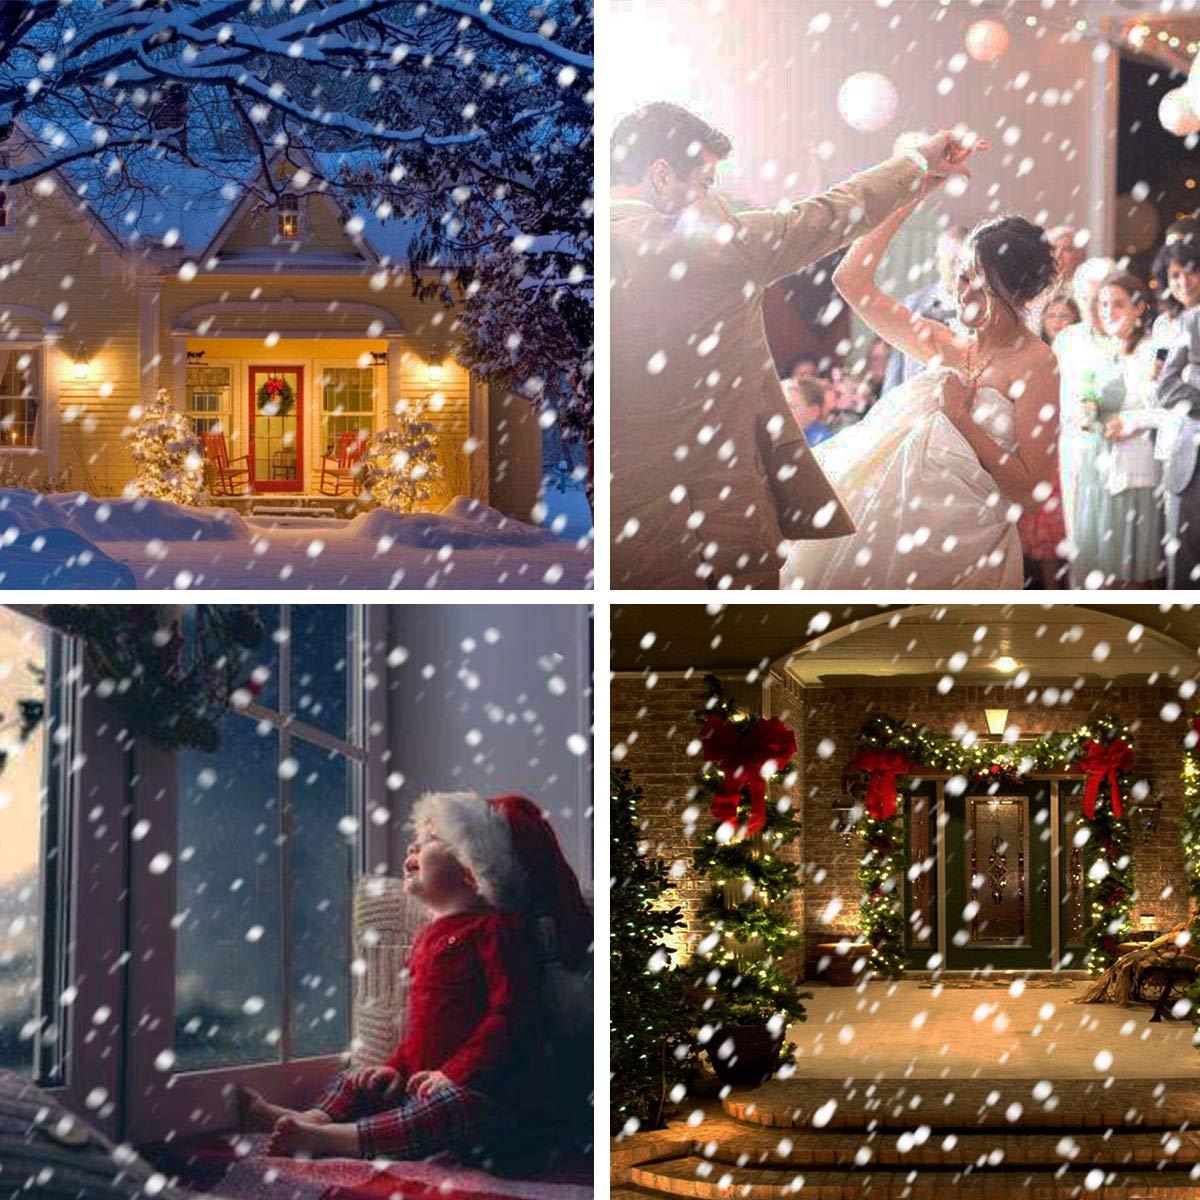 Proiettore Luci Natalizie Effetto Neve.Gesimei Proiettore Luci Natale Esterno Effetto Fiocco Di Neve Proiezione Lampada Led Impermeabile Illuminazione Giardino Telecomando Rotante Faretti